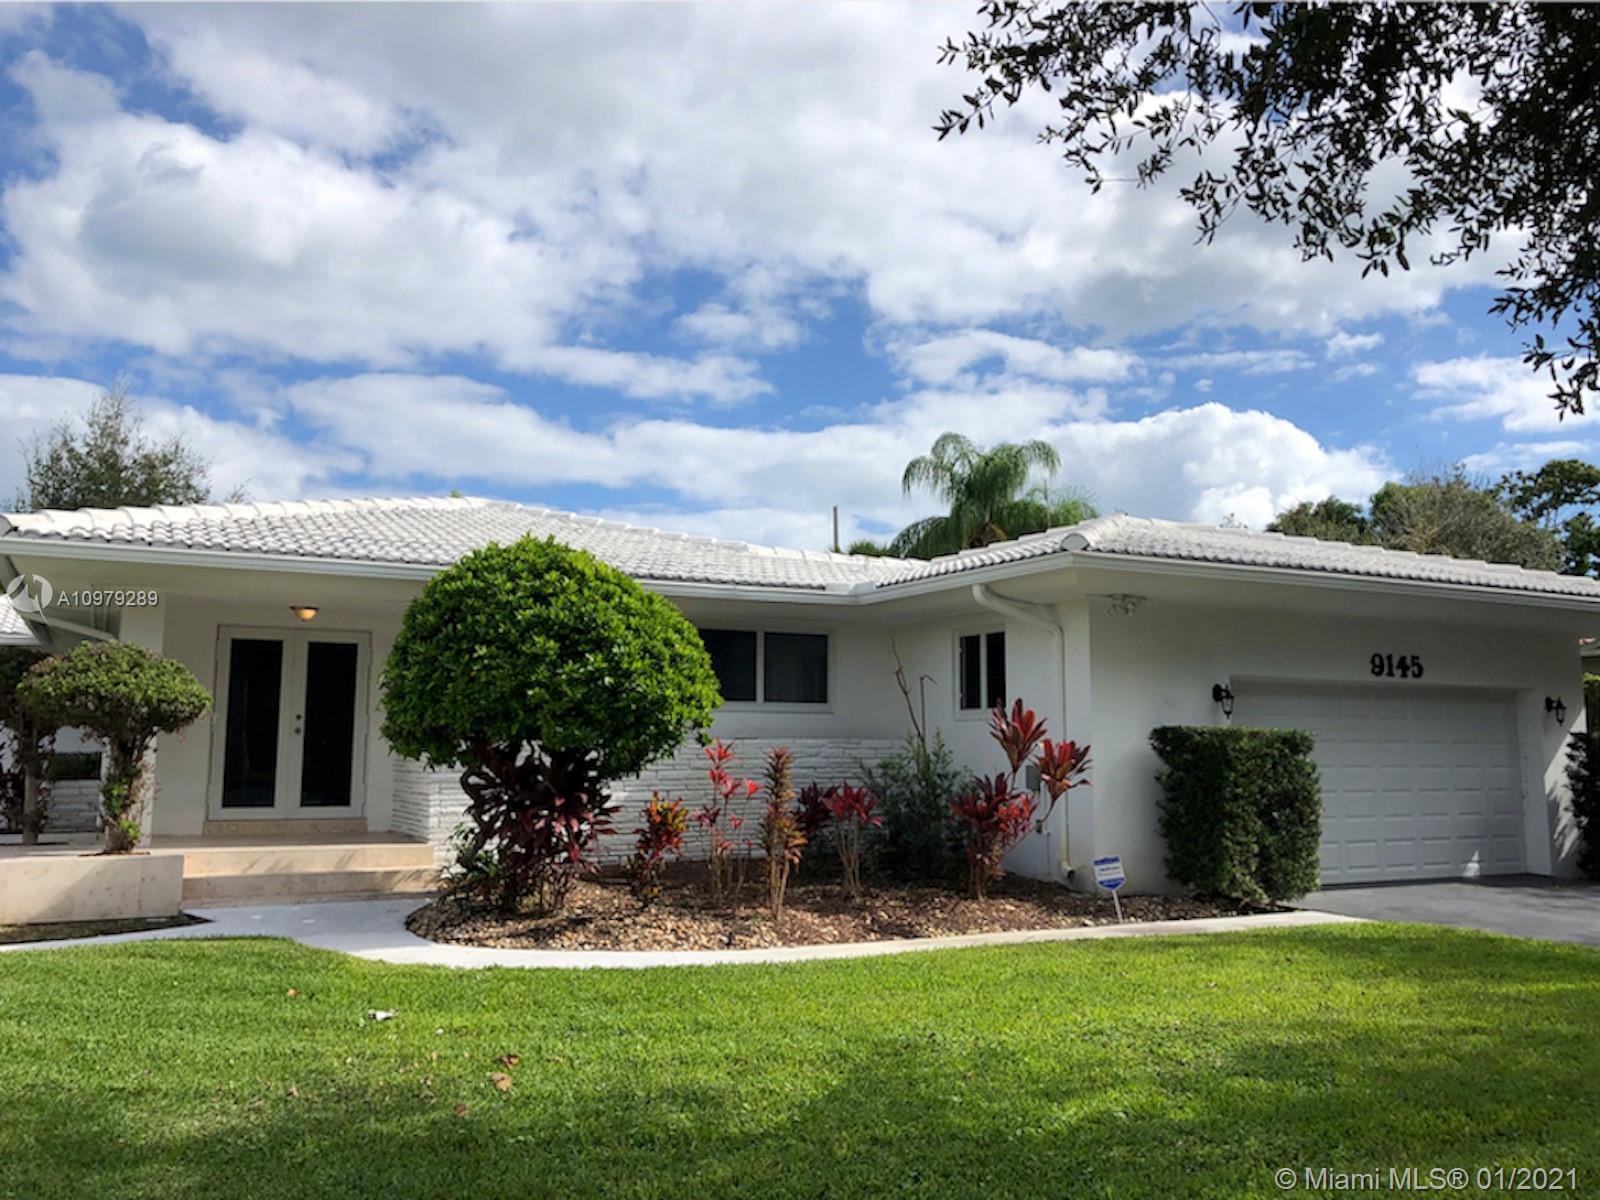 Miami Shores - 9145 N Miami Ave, Miami Shores, FL 33150